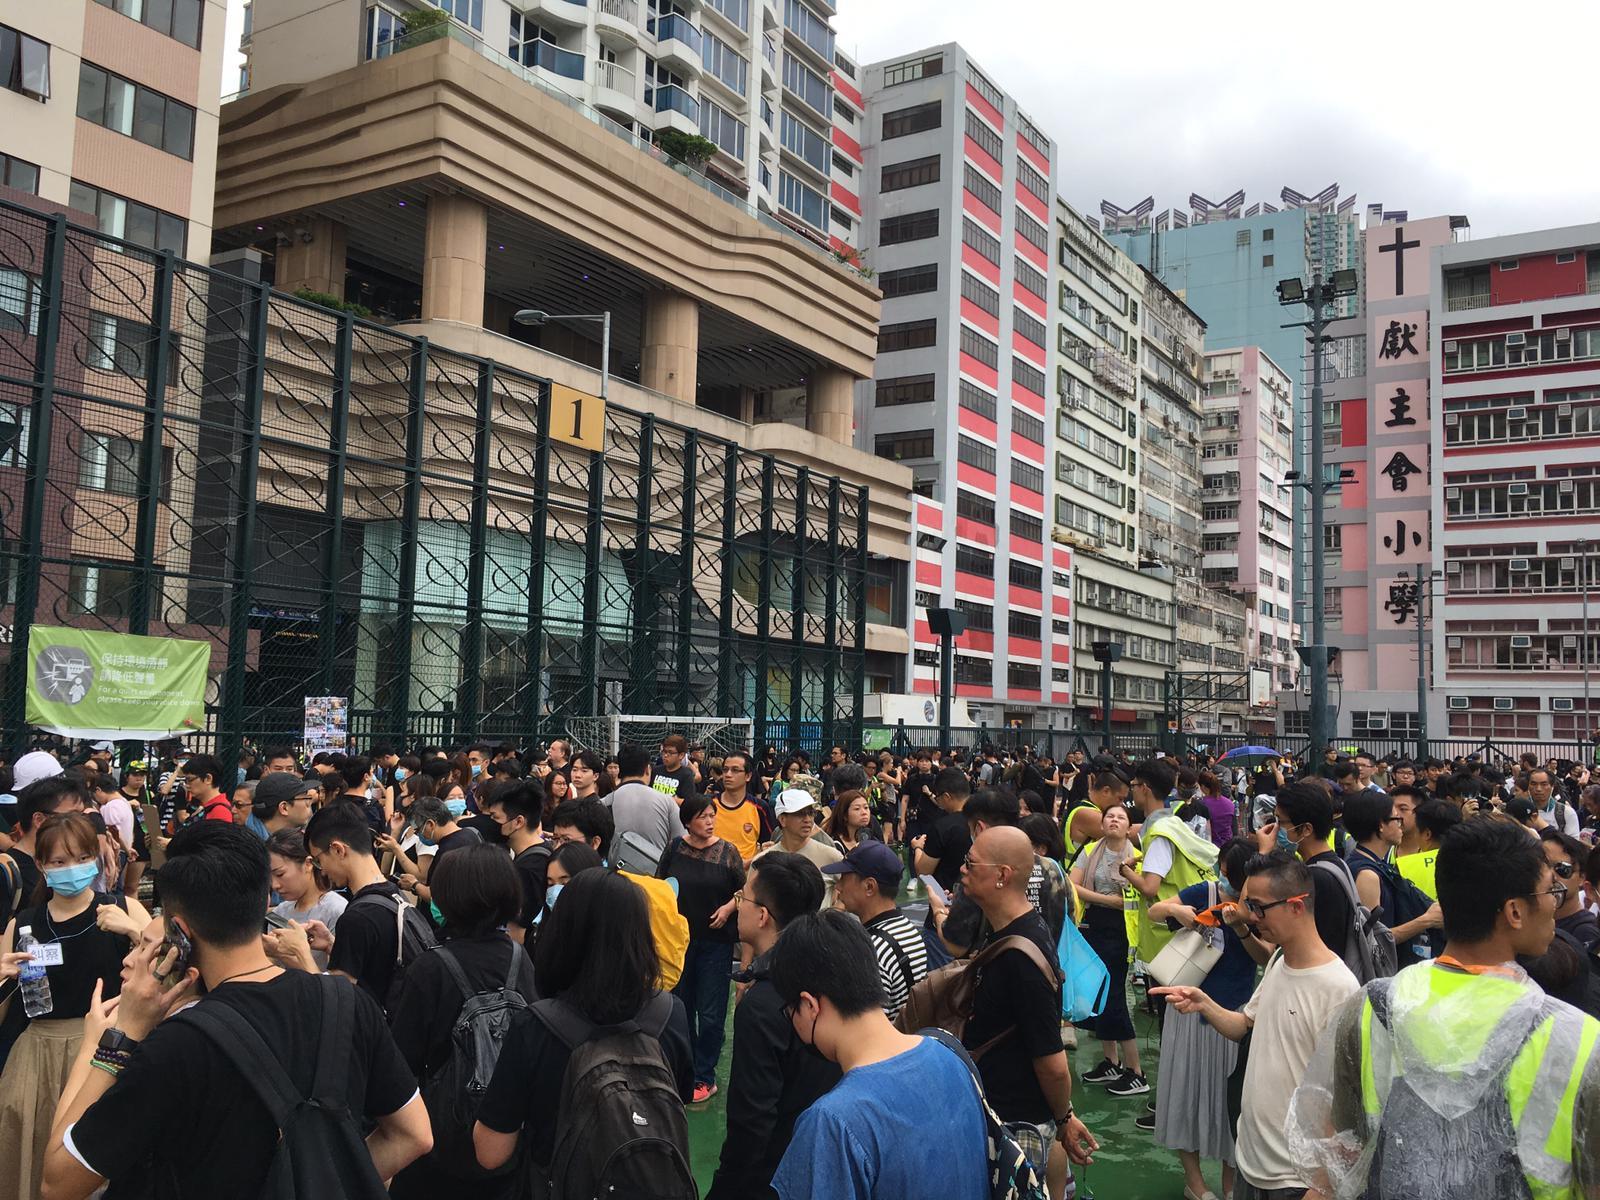 下午3時半前,在海心海心公園聚集的黑衣人增加。